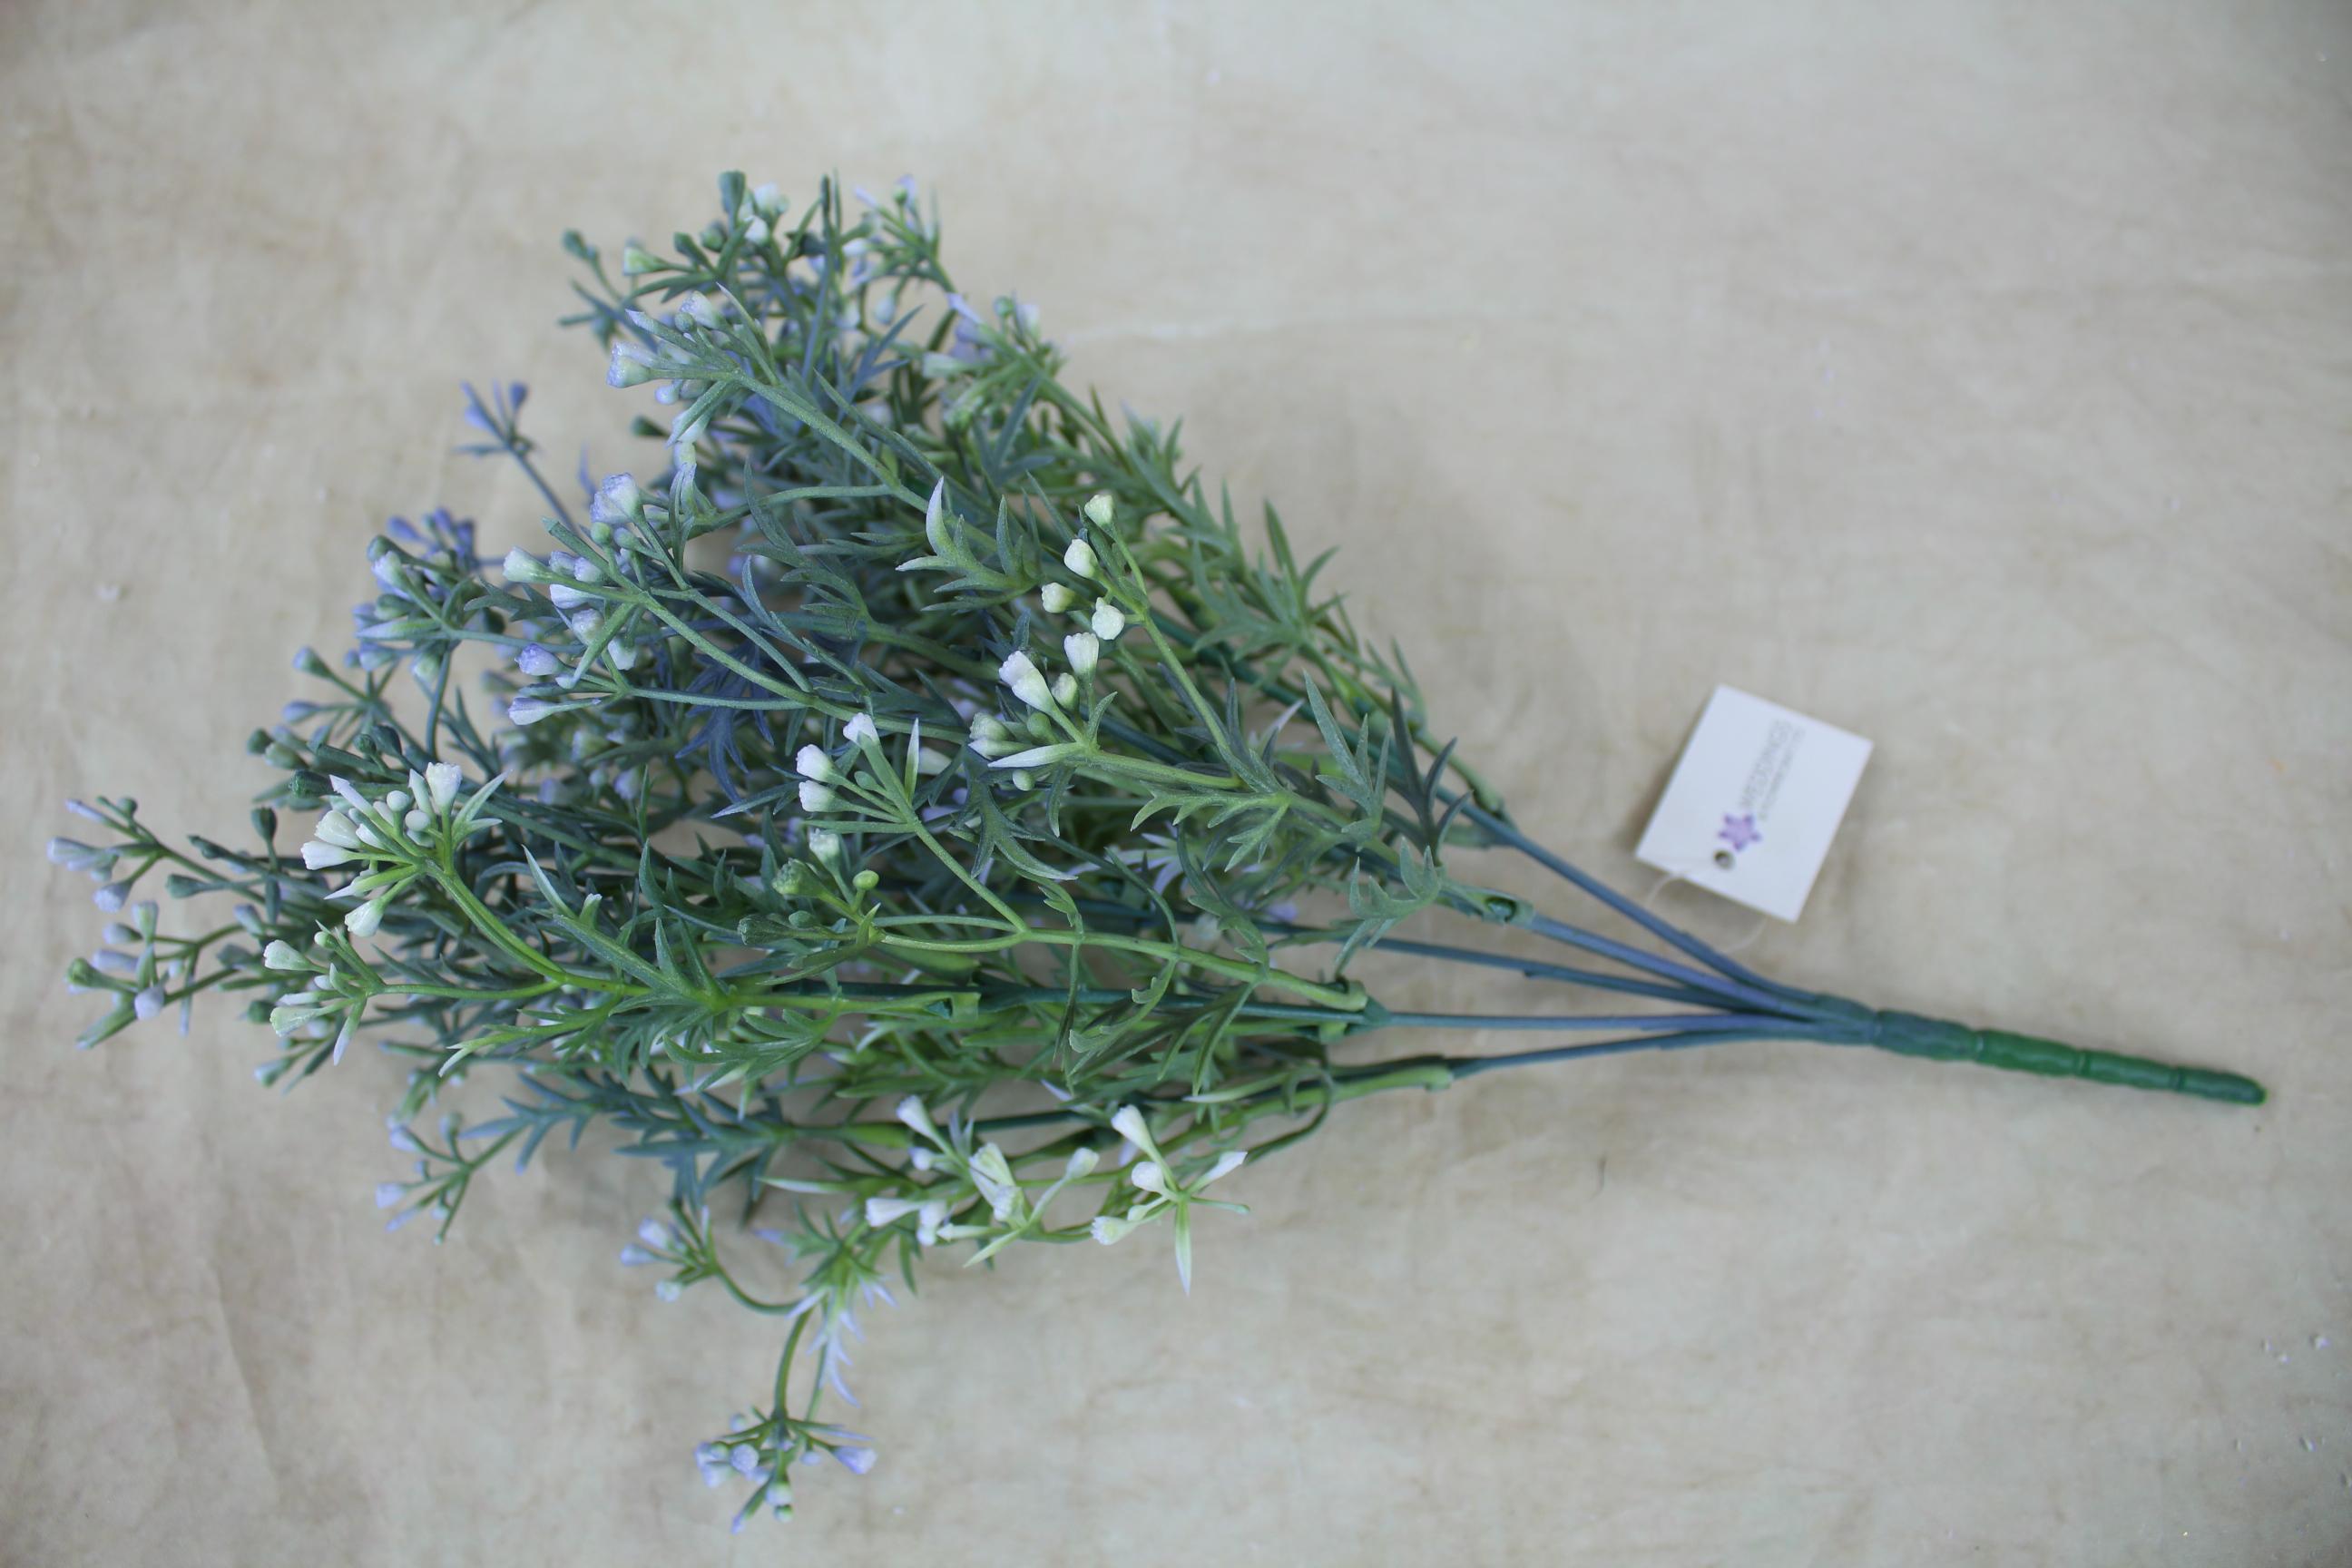 6 x Mini Wax Flower Bushes